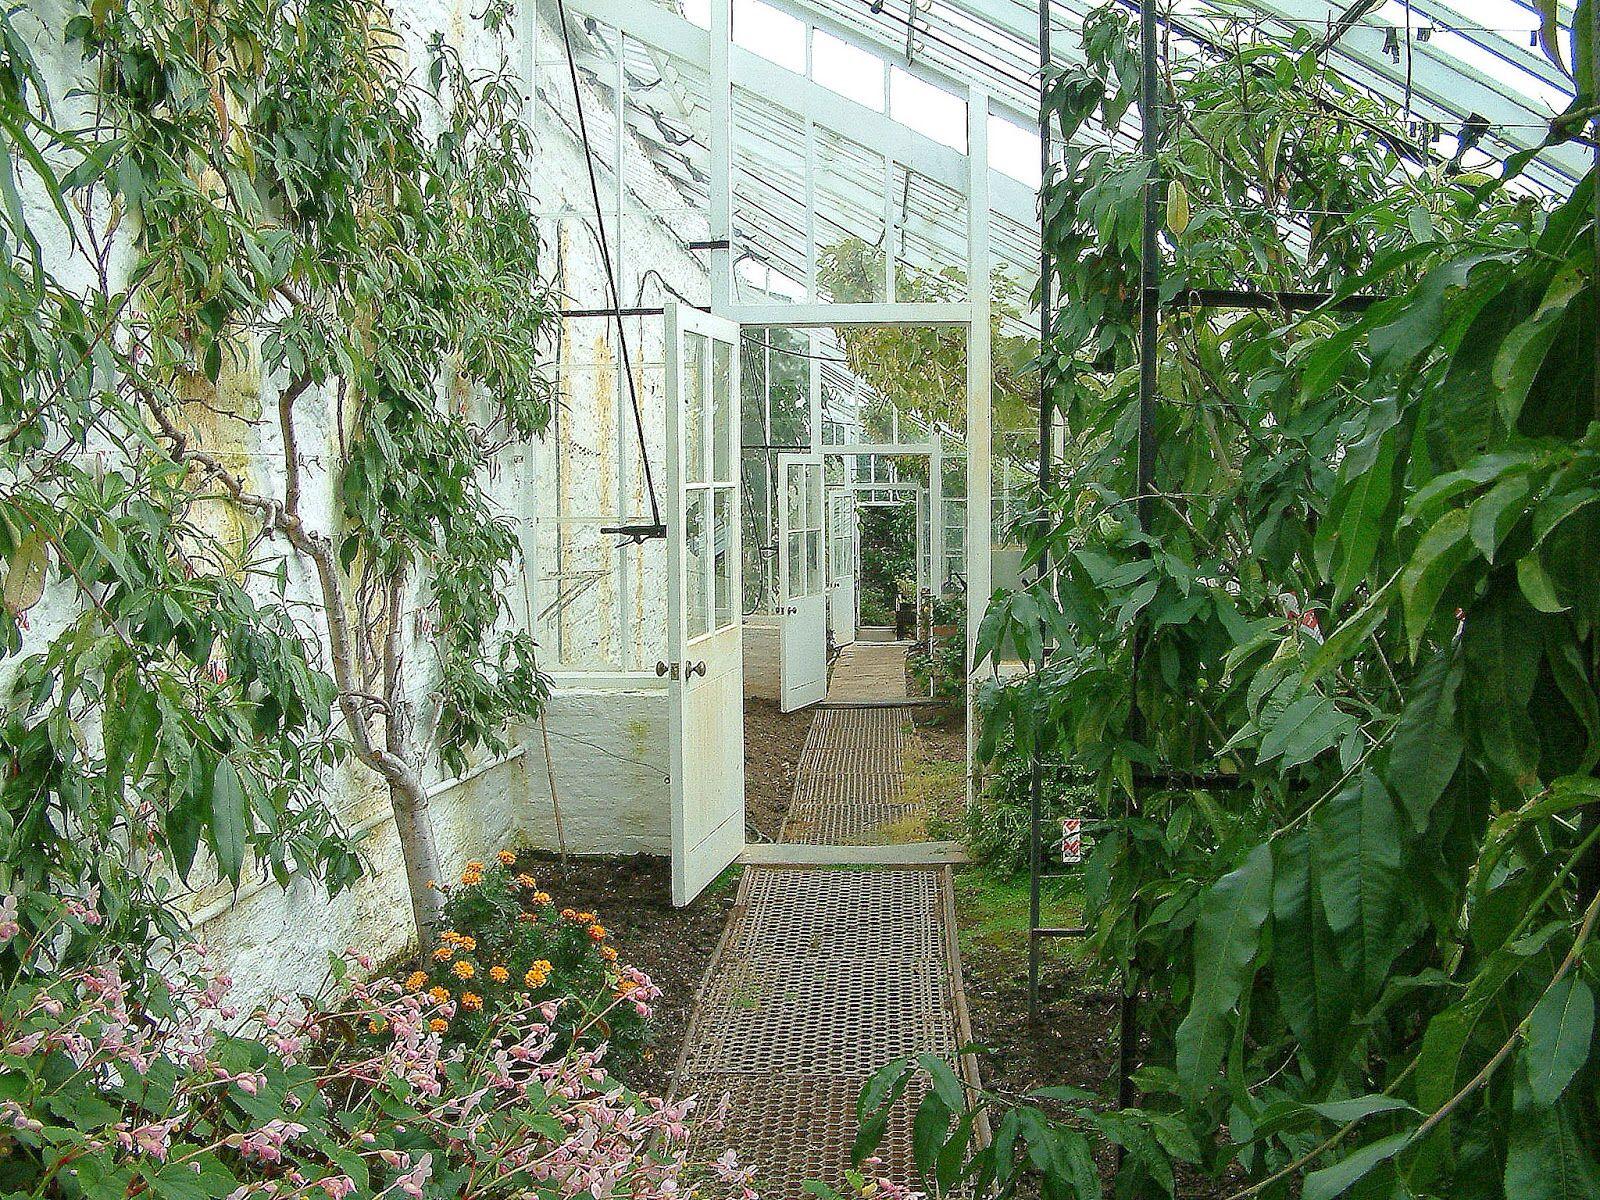 Clovelly Court - my ideal garden